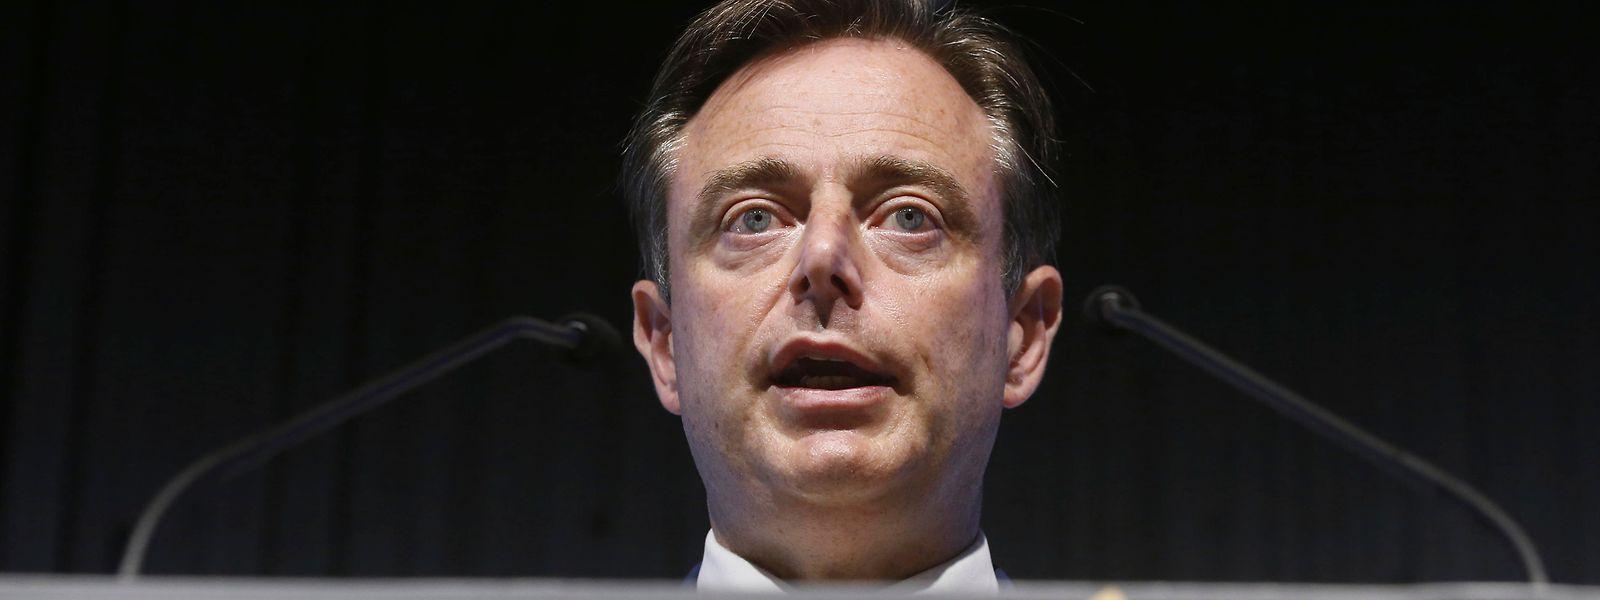 Durant l'été 2017, Bart De Wever s'en était pris nommément à un journaliste du quotidien De Standaard accusé de partialité